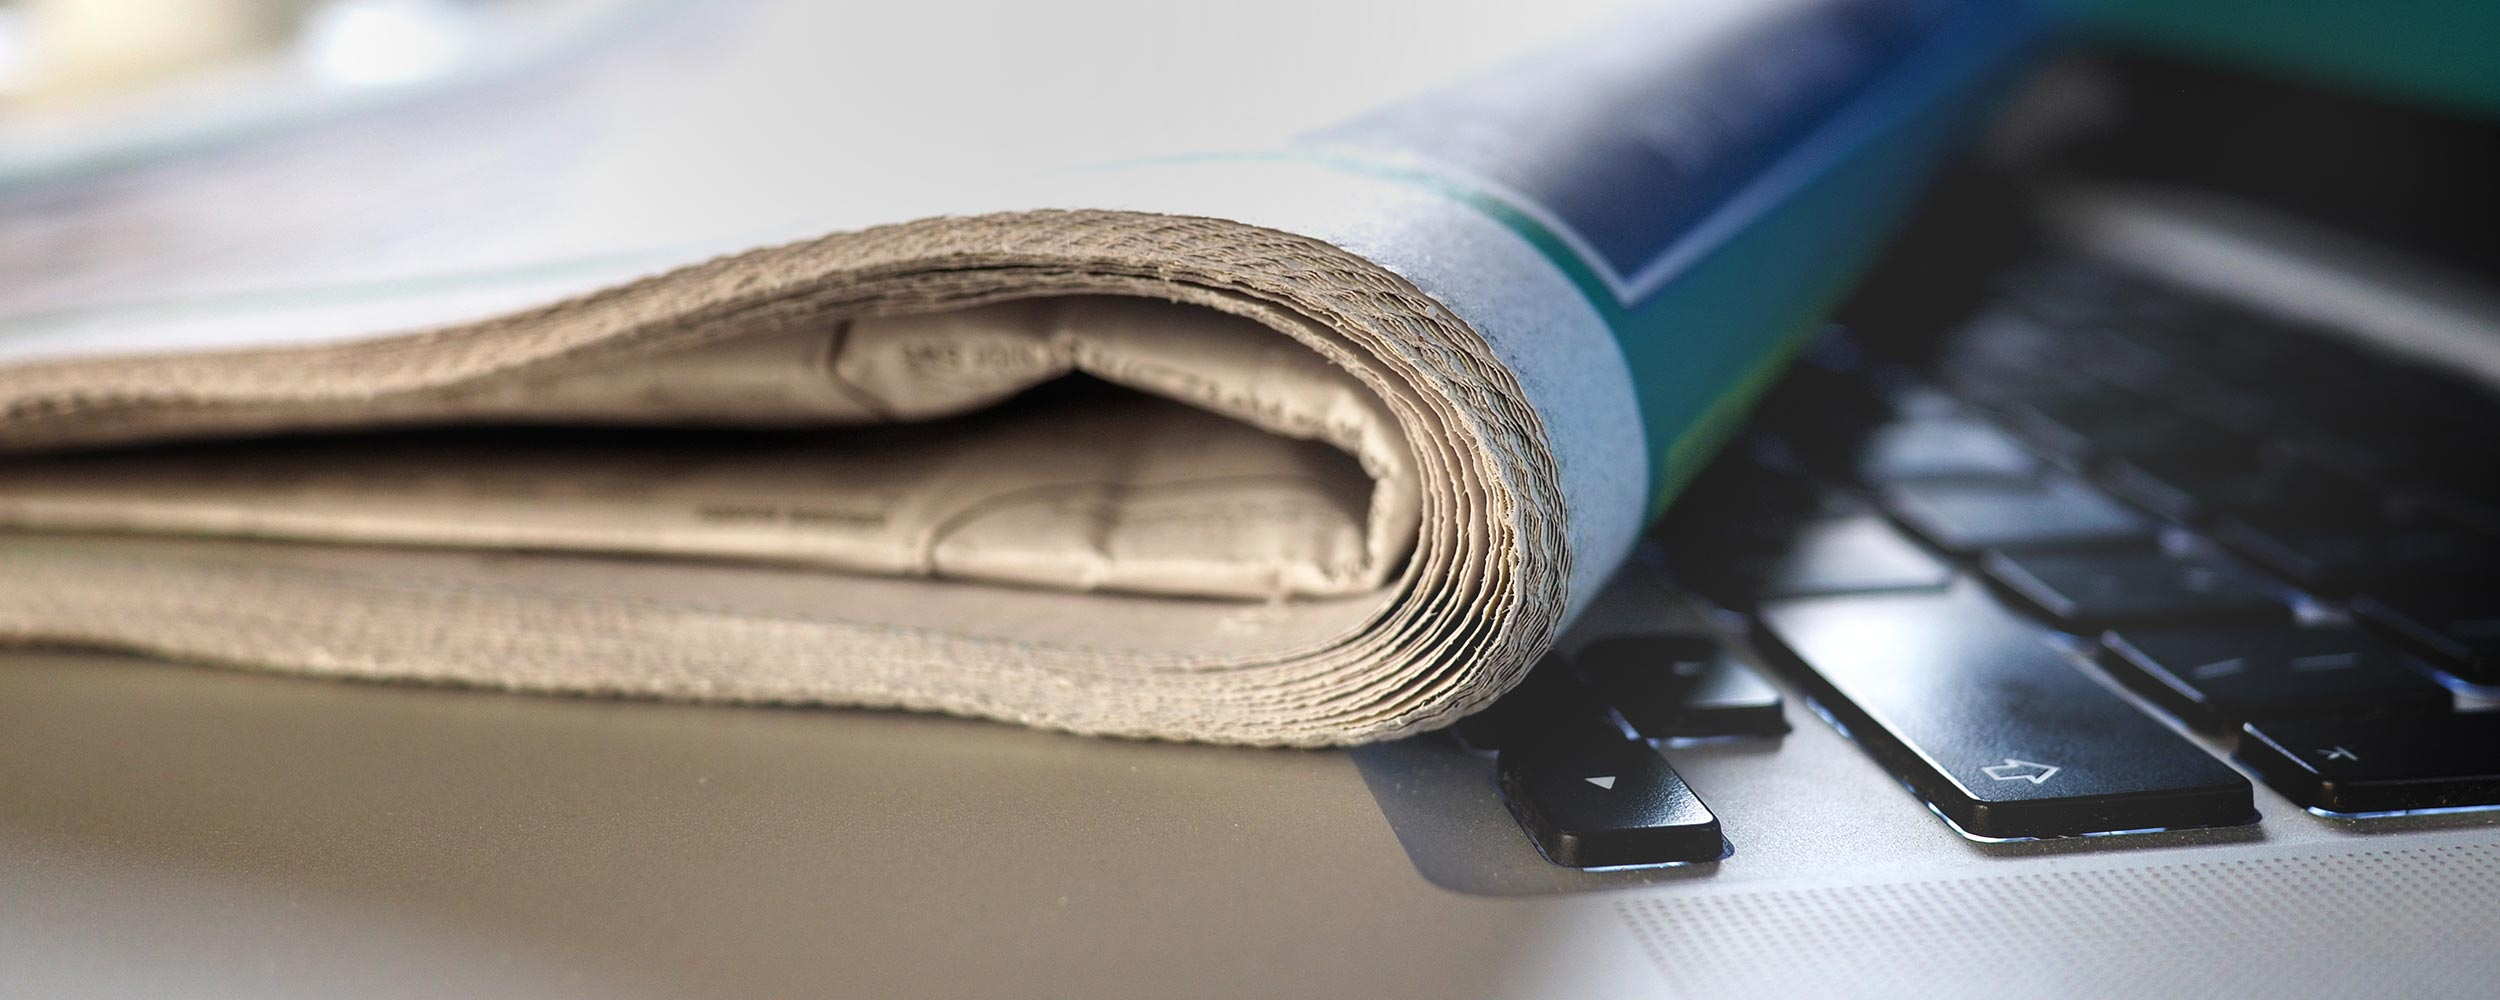 Zeitung auf einem Laptop